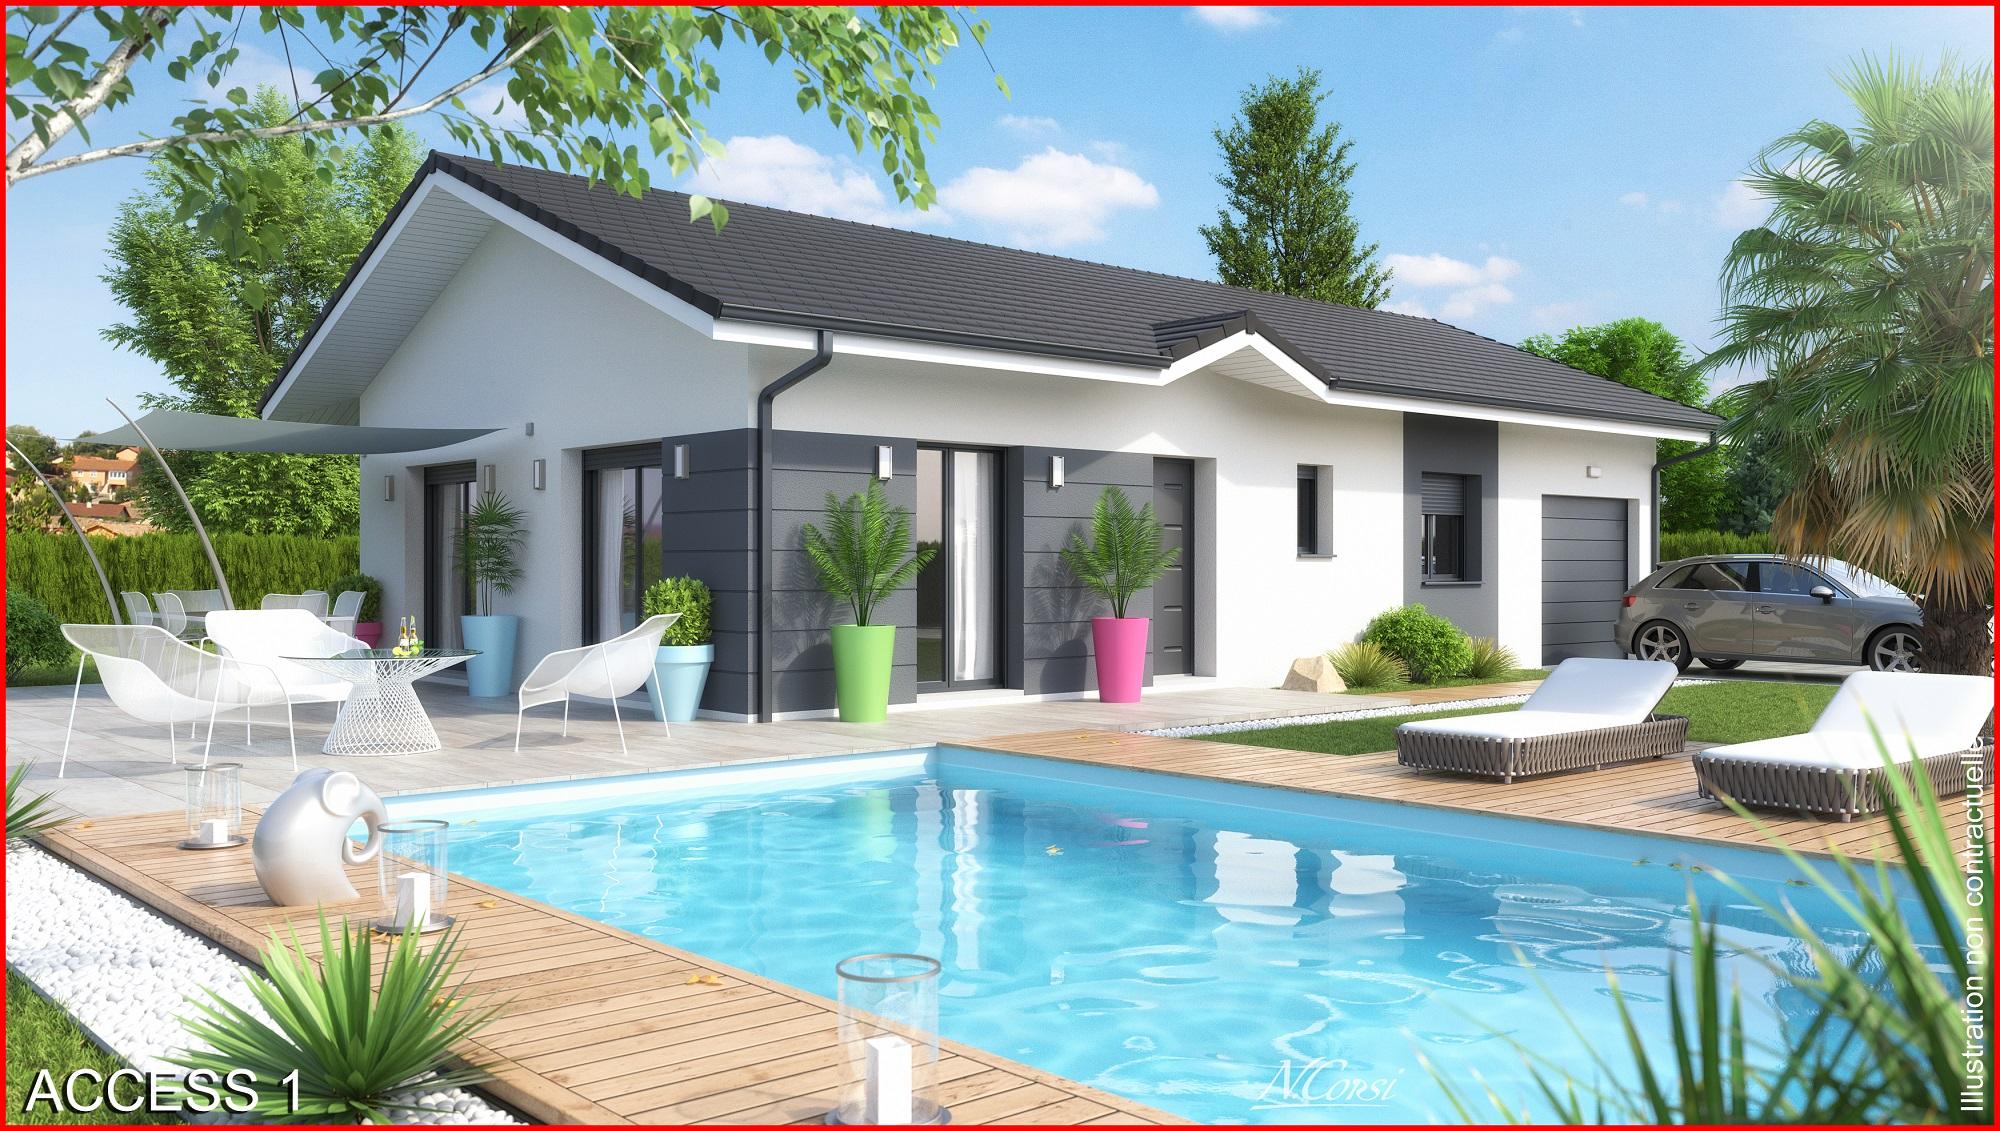 faire estimer une maison top maison t saint cyr au mont dor with faire estimer une maison. Black Bedroom Furniture Sets. Home Design Ideas